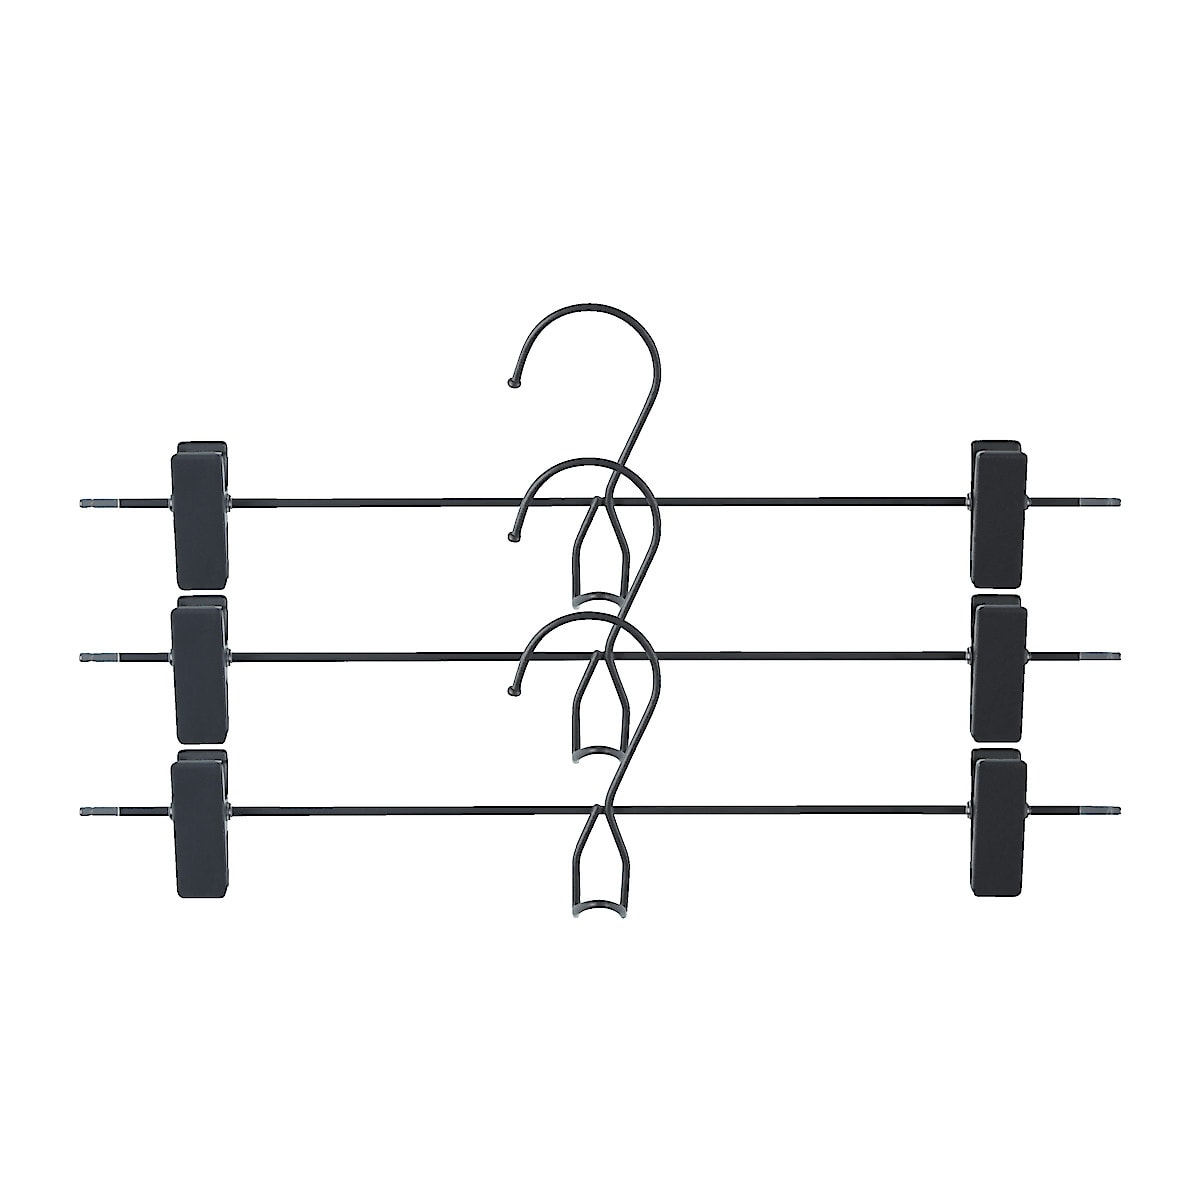 Bukse-/skjørtehenger metall, 3 pk